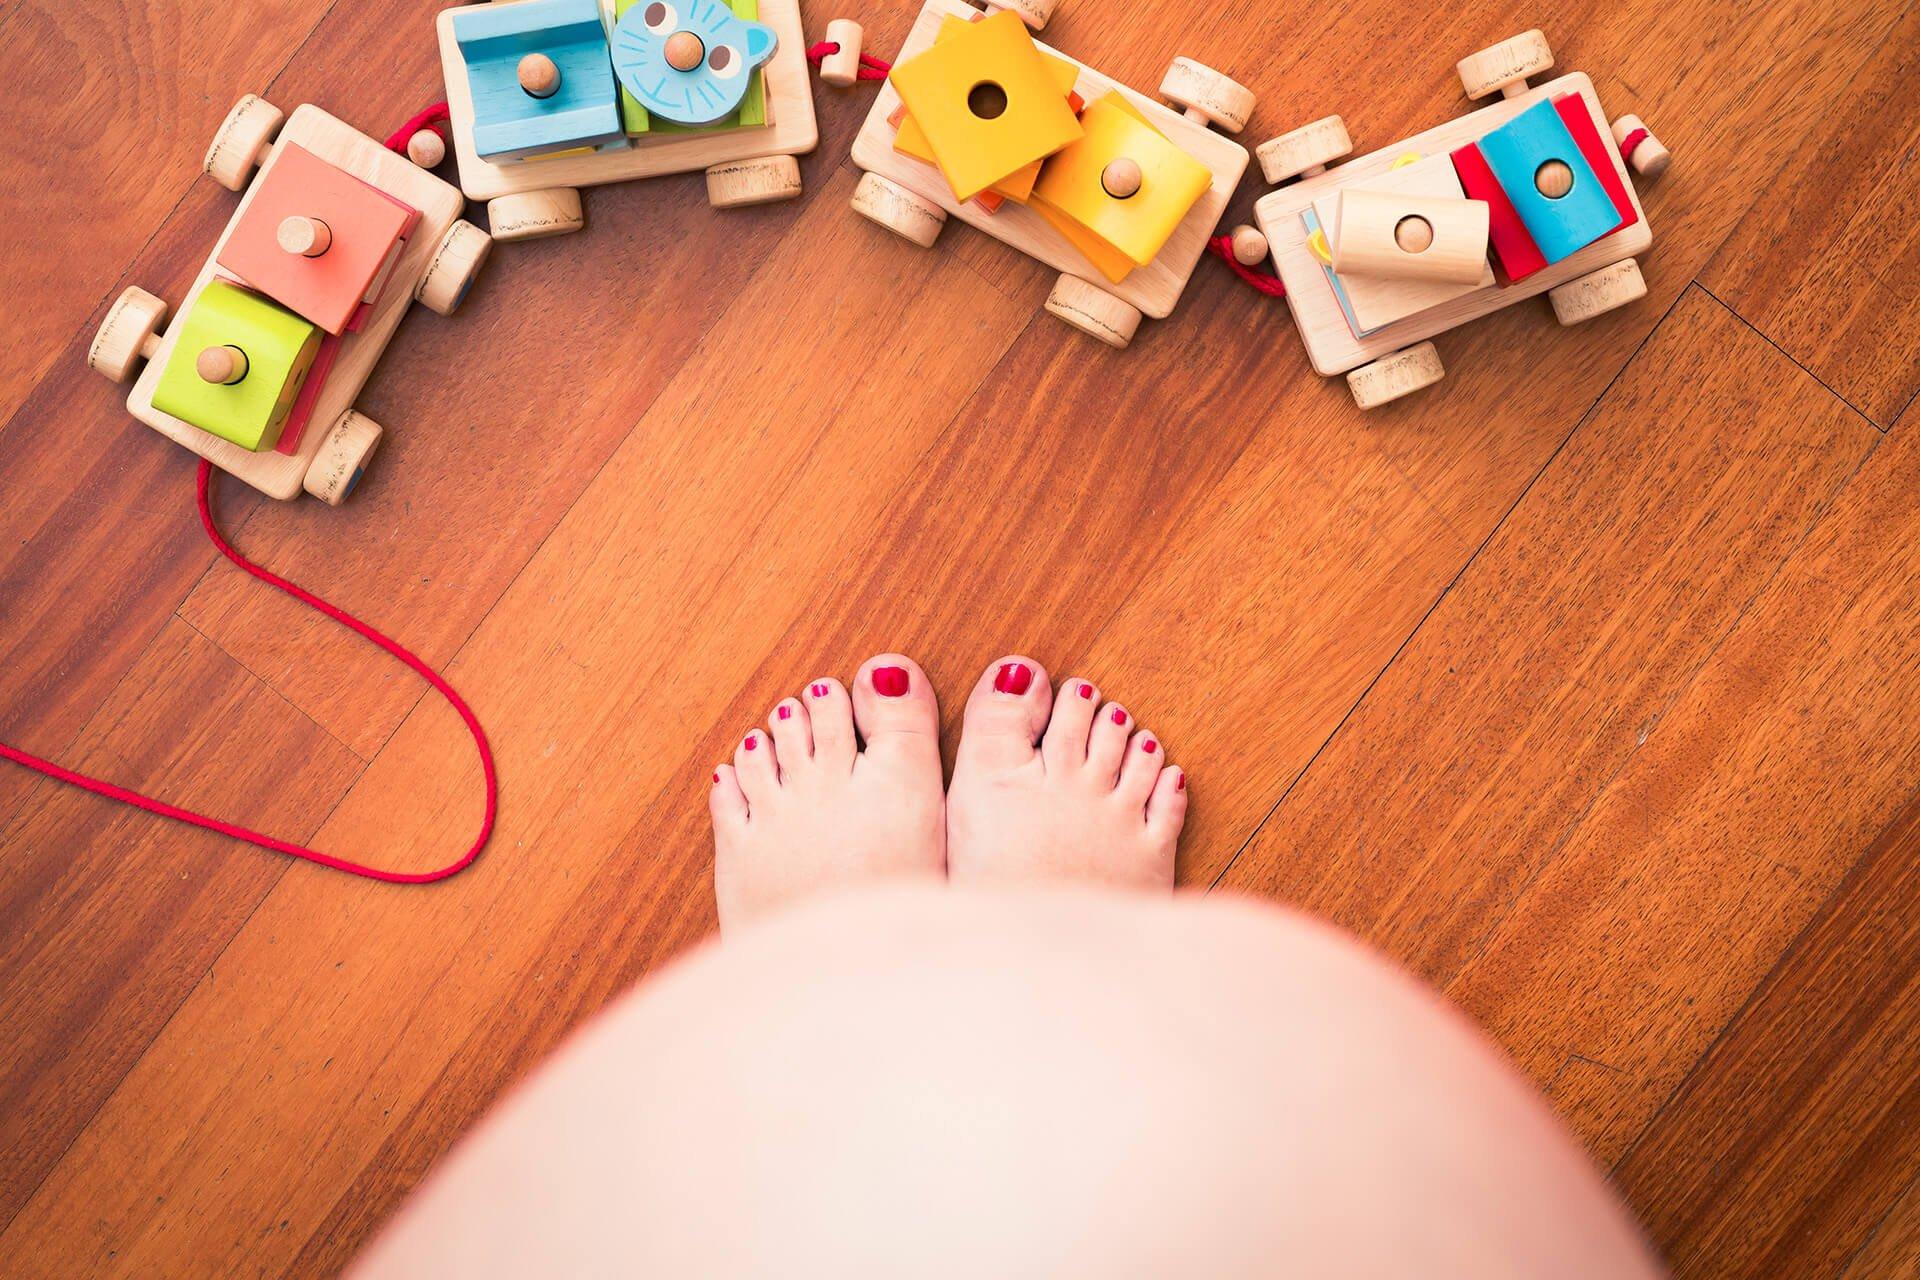 family photographer pancia giocattoli alain battiloro fotografo